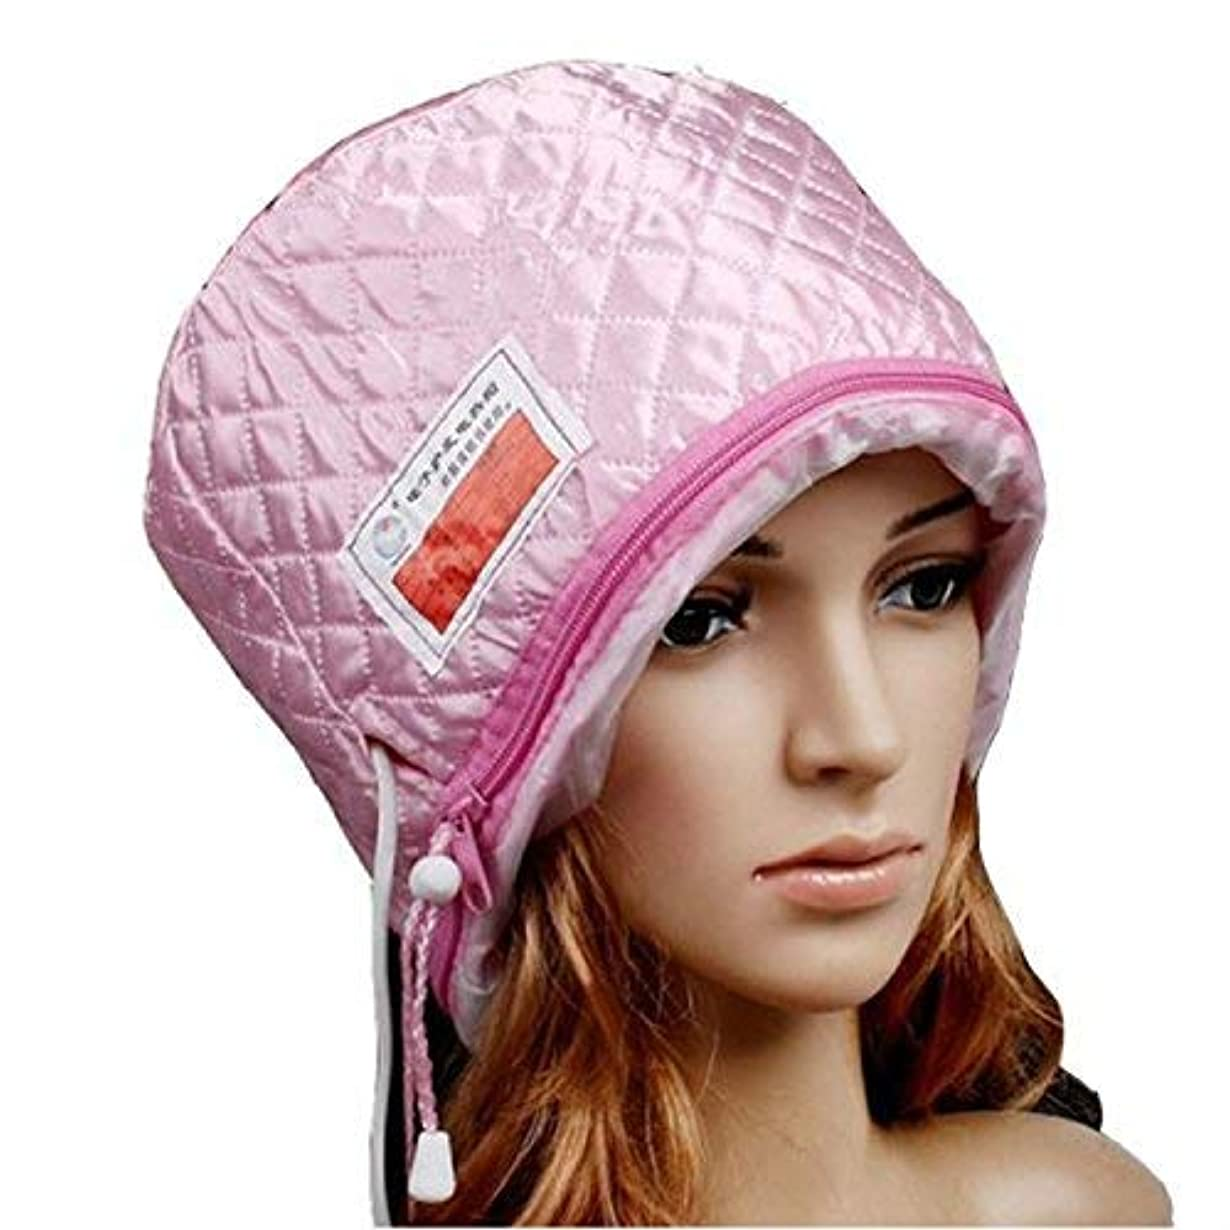 適合するお茶信頼セキュリティファッションヘアケアヘアメンブレンキャップ電気加熱キャップ美容スチーマー栄養帽子